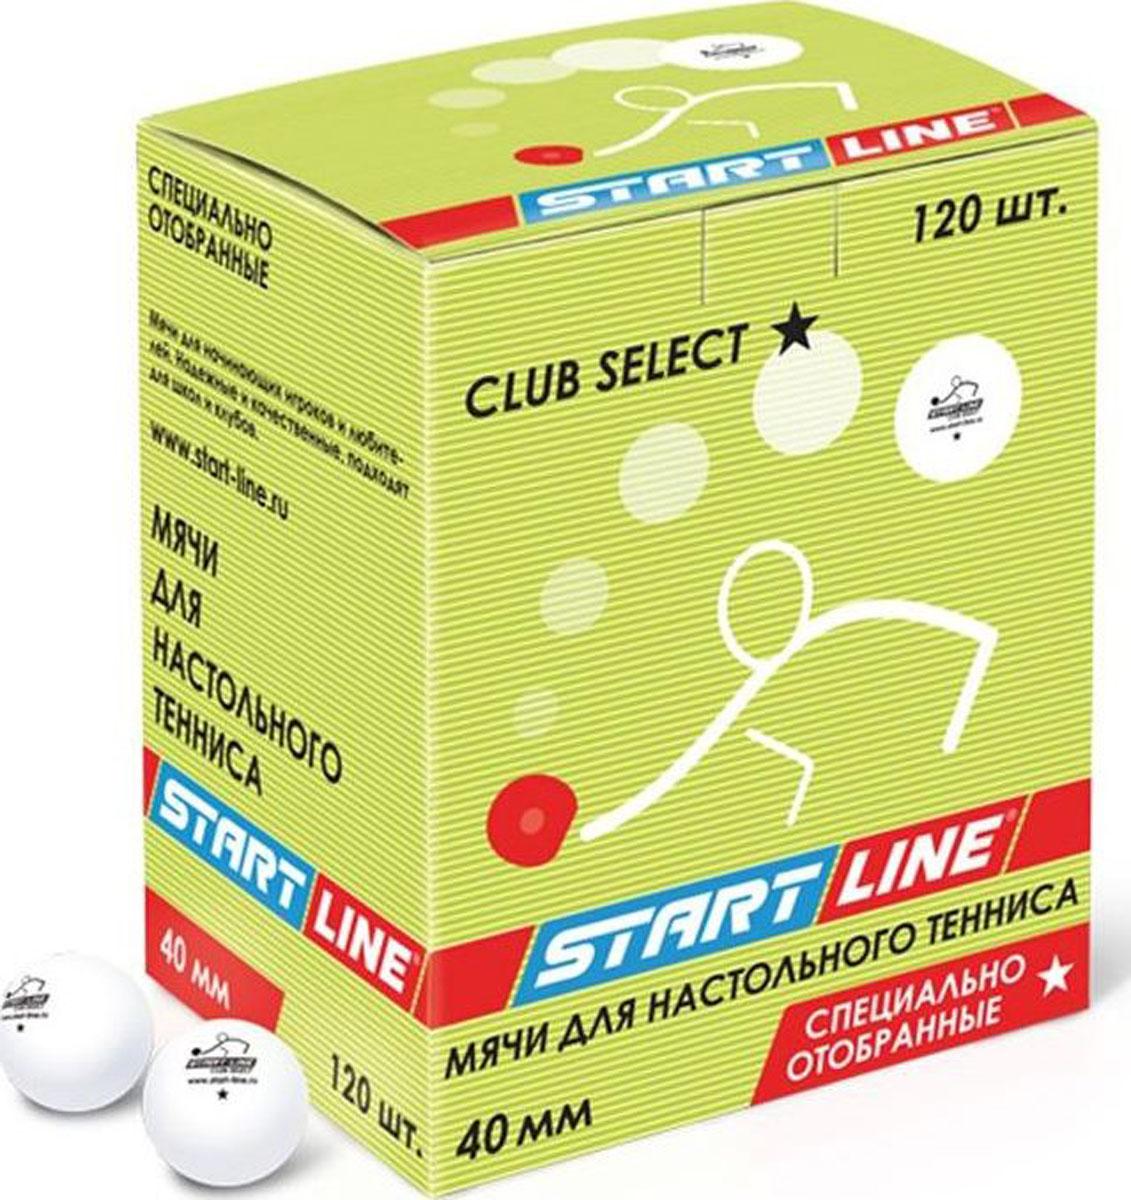 Мяч для настольного тенниса StartLine Club Select, 120 штУТ-00004117Набор мячей StartLine Club Select, выполненных из поливинилхлорида, предназначен для игры в настольный теннис. Мячи для начинающих игроков и любителей. Надежные и качественные, подходят для игроков с небольшим опытом.